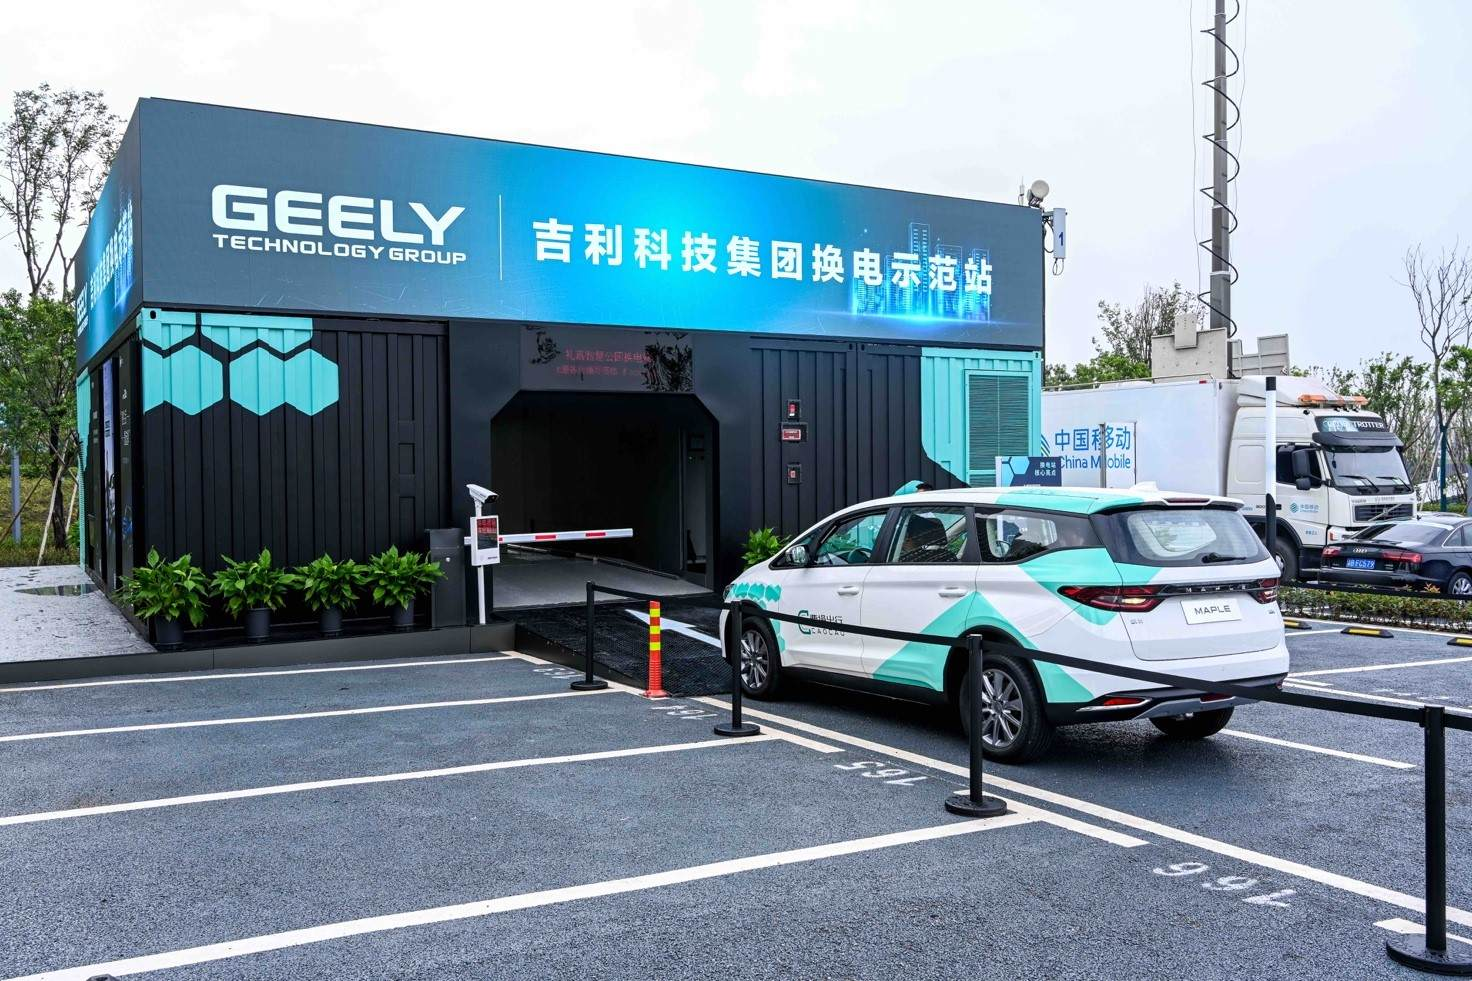 吉利入局换电模式 2020年计划在重庆建35座换电站